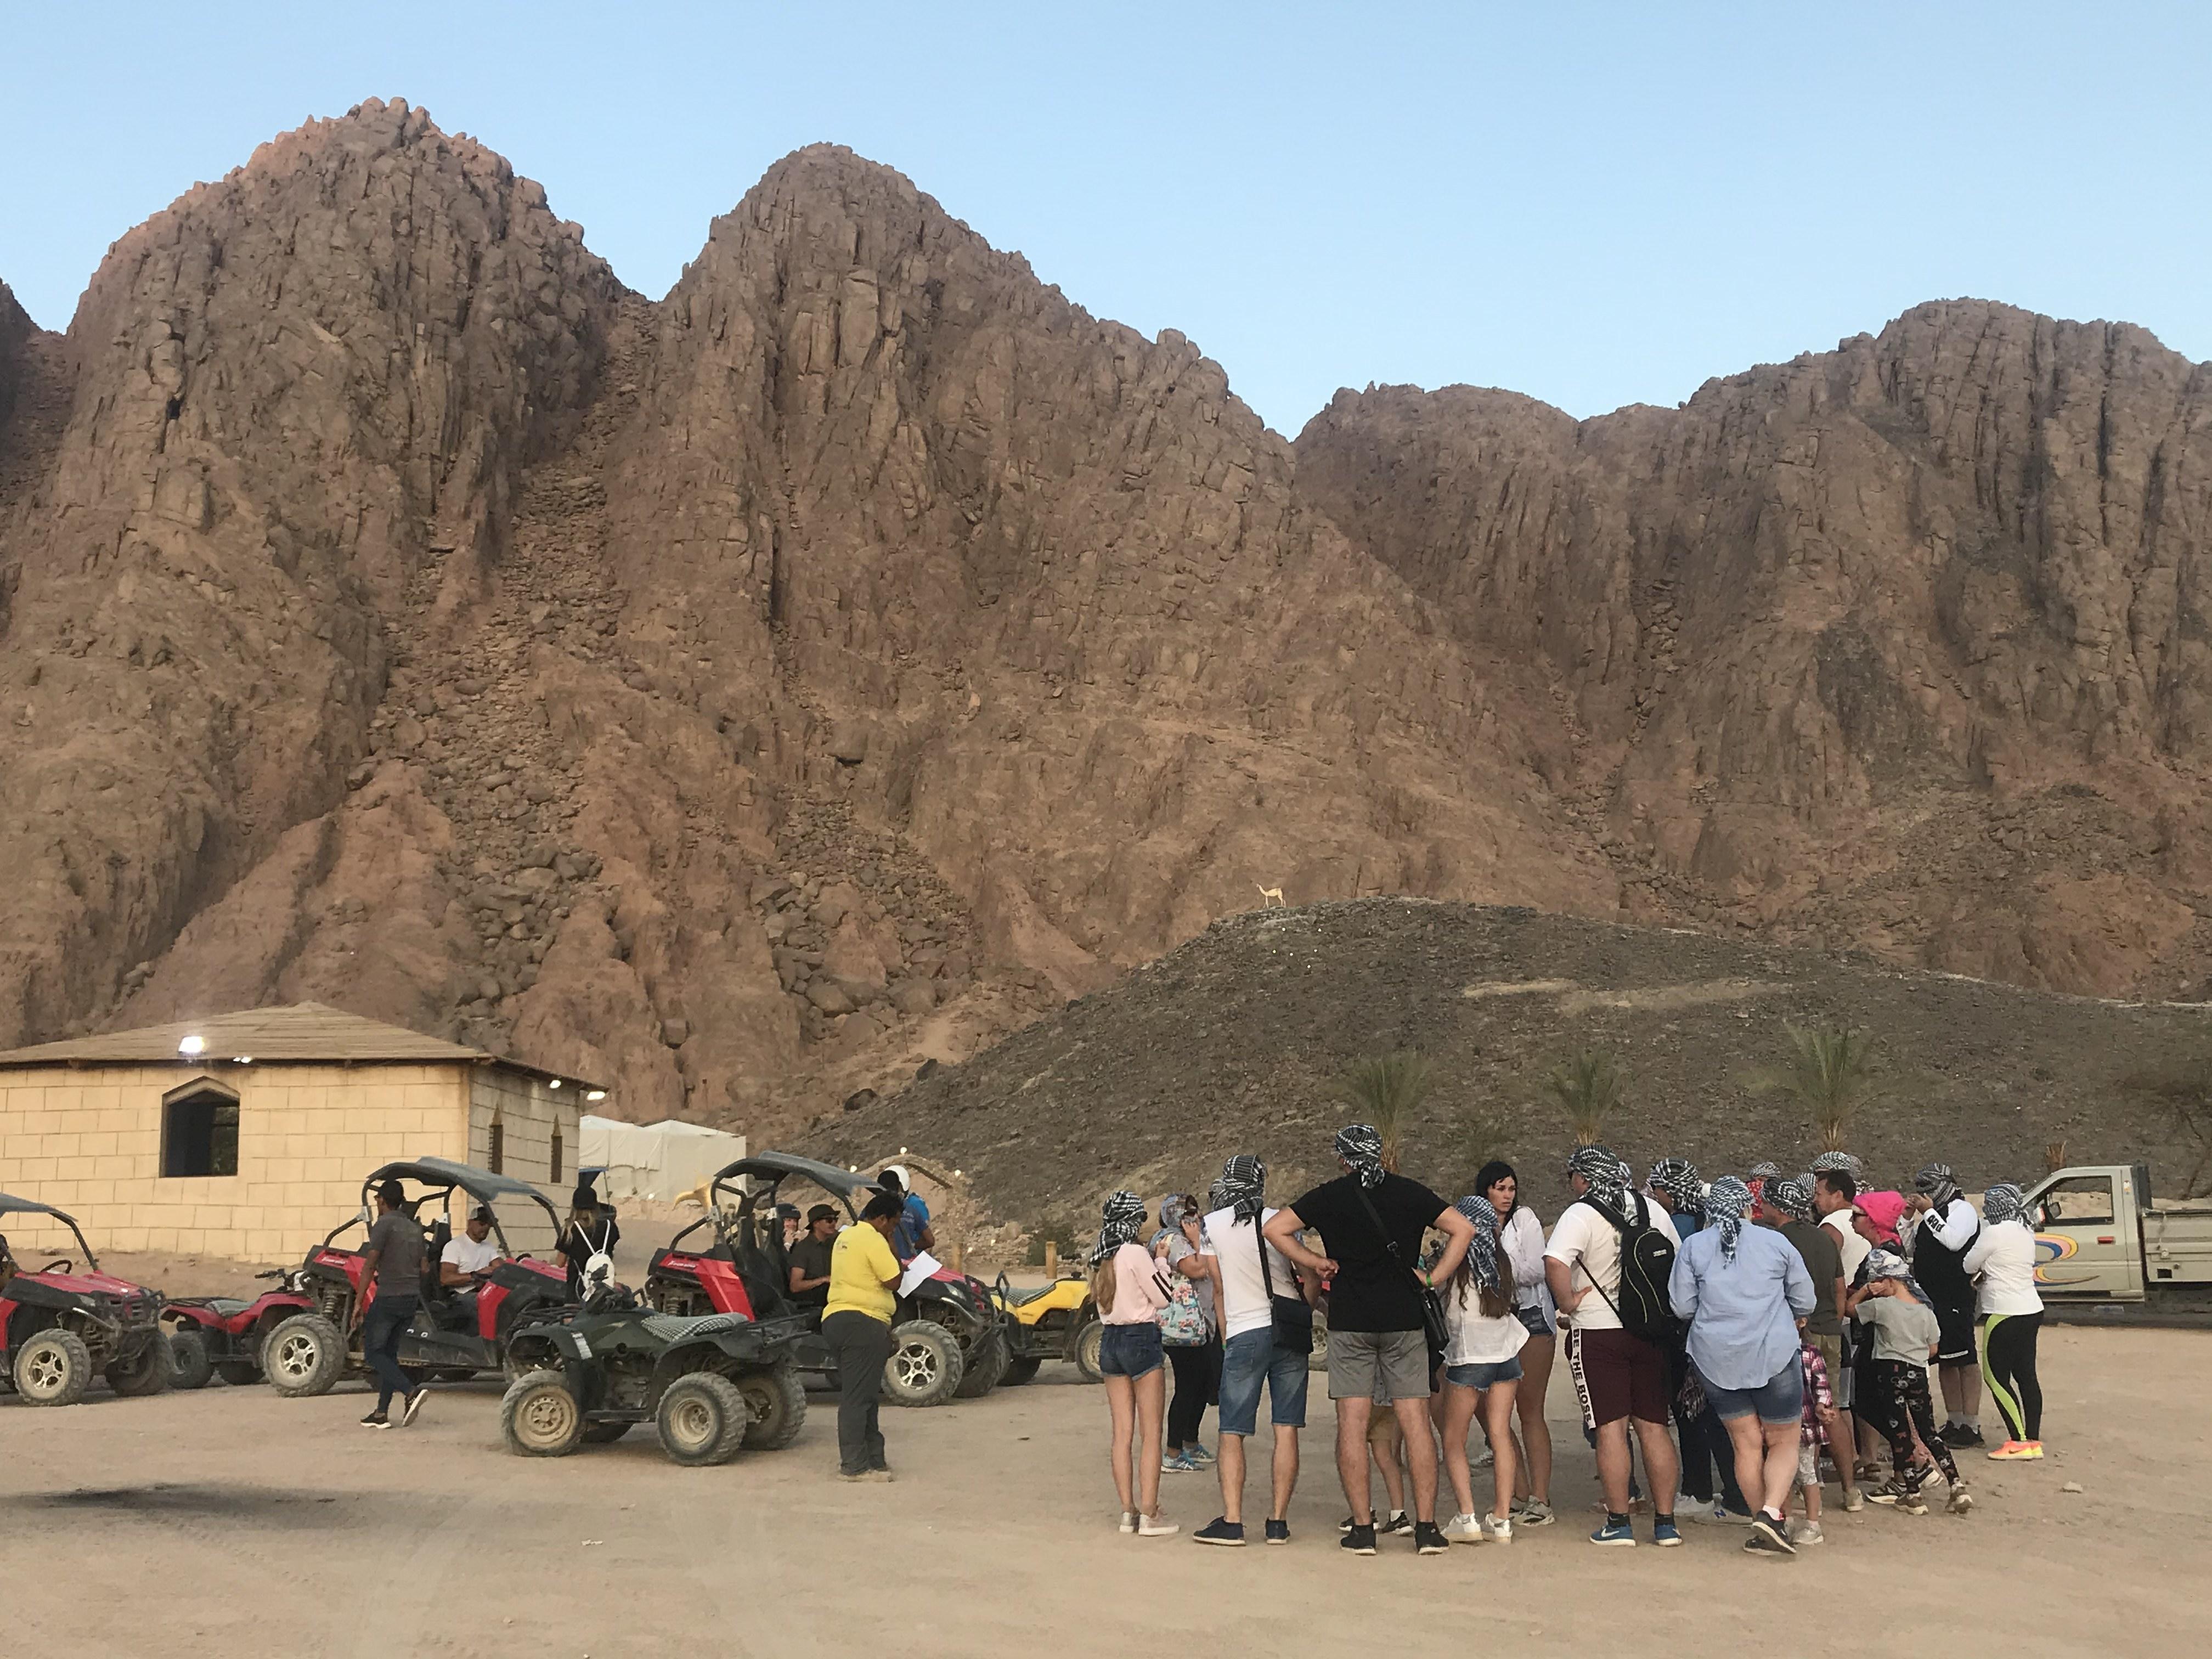 سياحة السفارى والجبال بشرم الشيخ  (20)